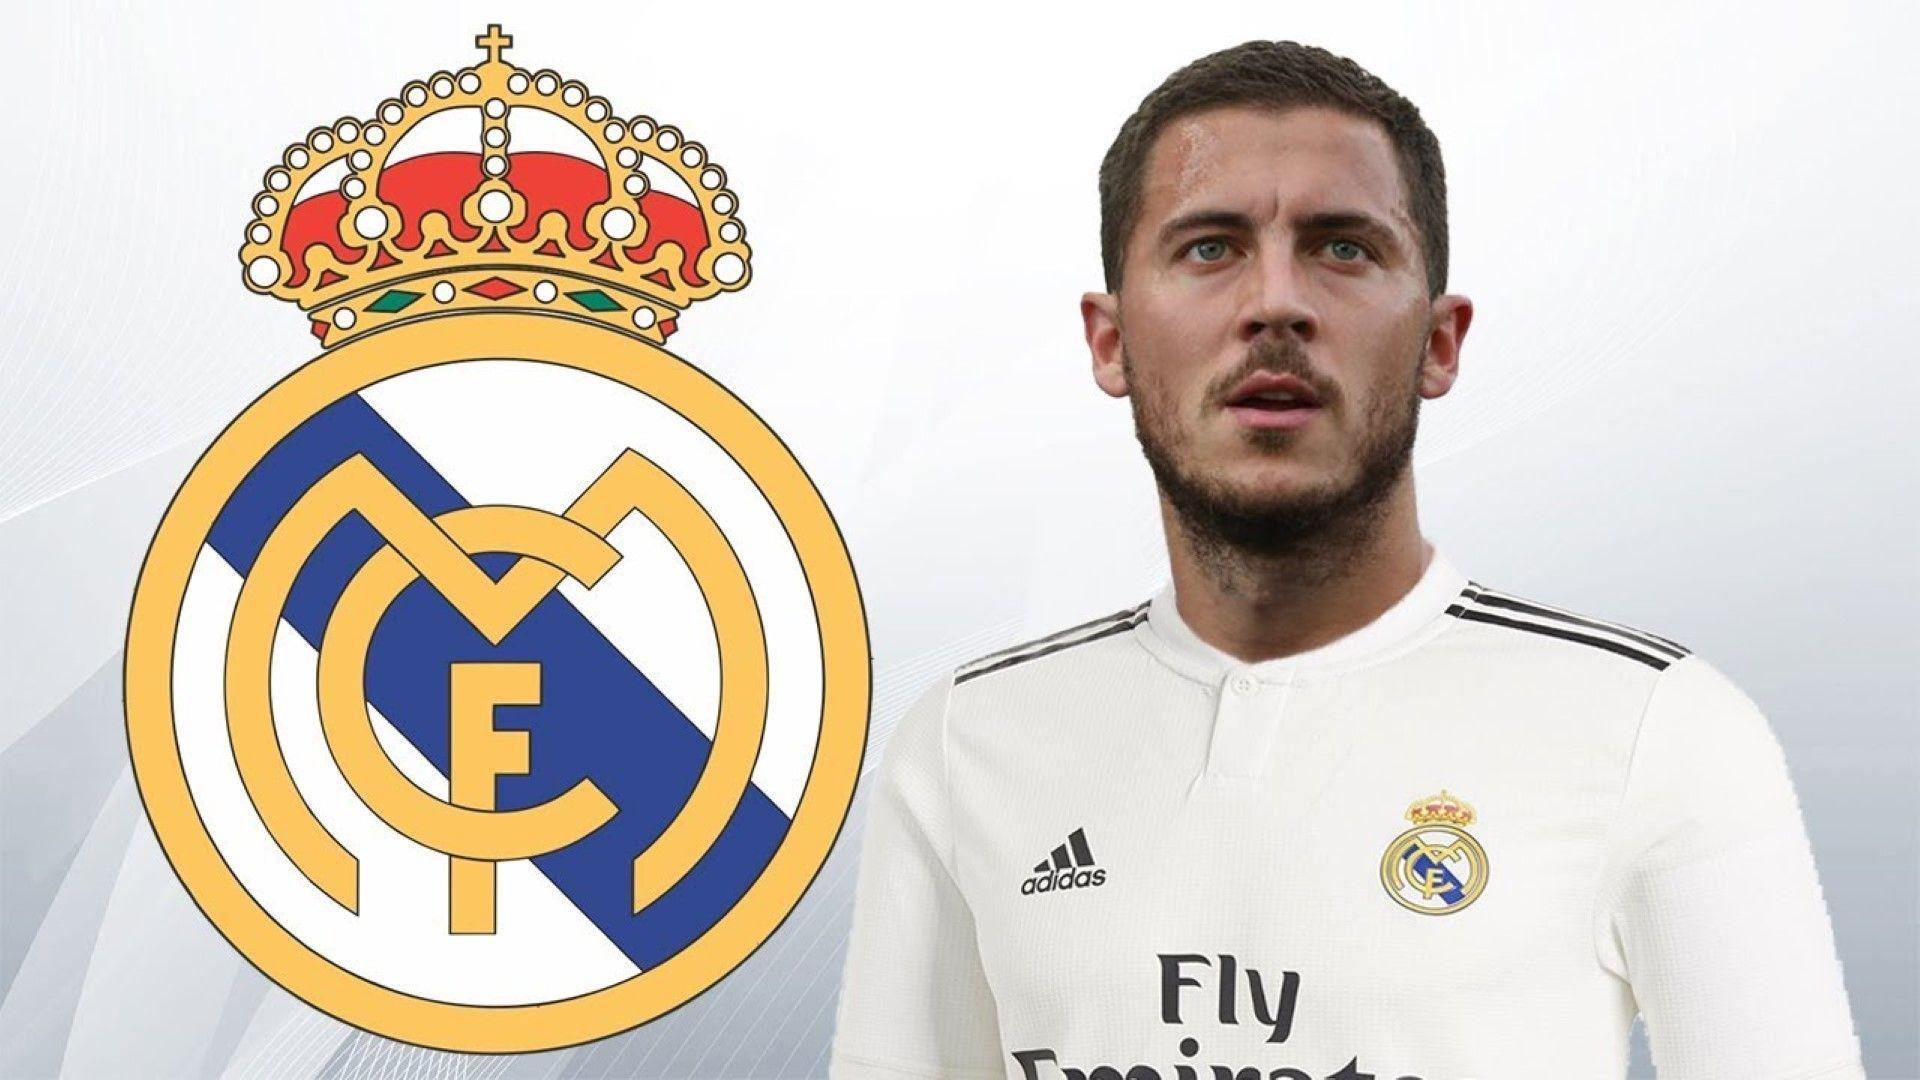 """В Англия гърмят: """"Реал"""" чупи рекорда си  - 190 млн. евро за Азар"""